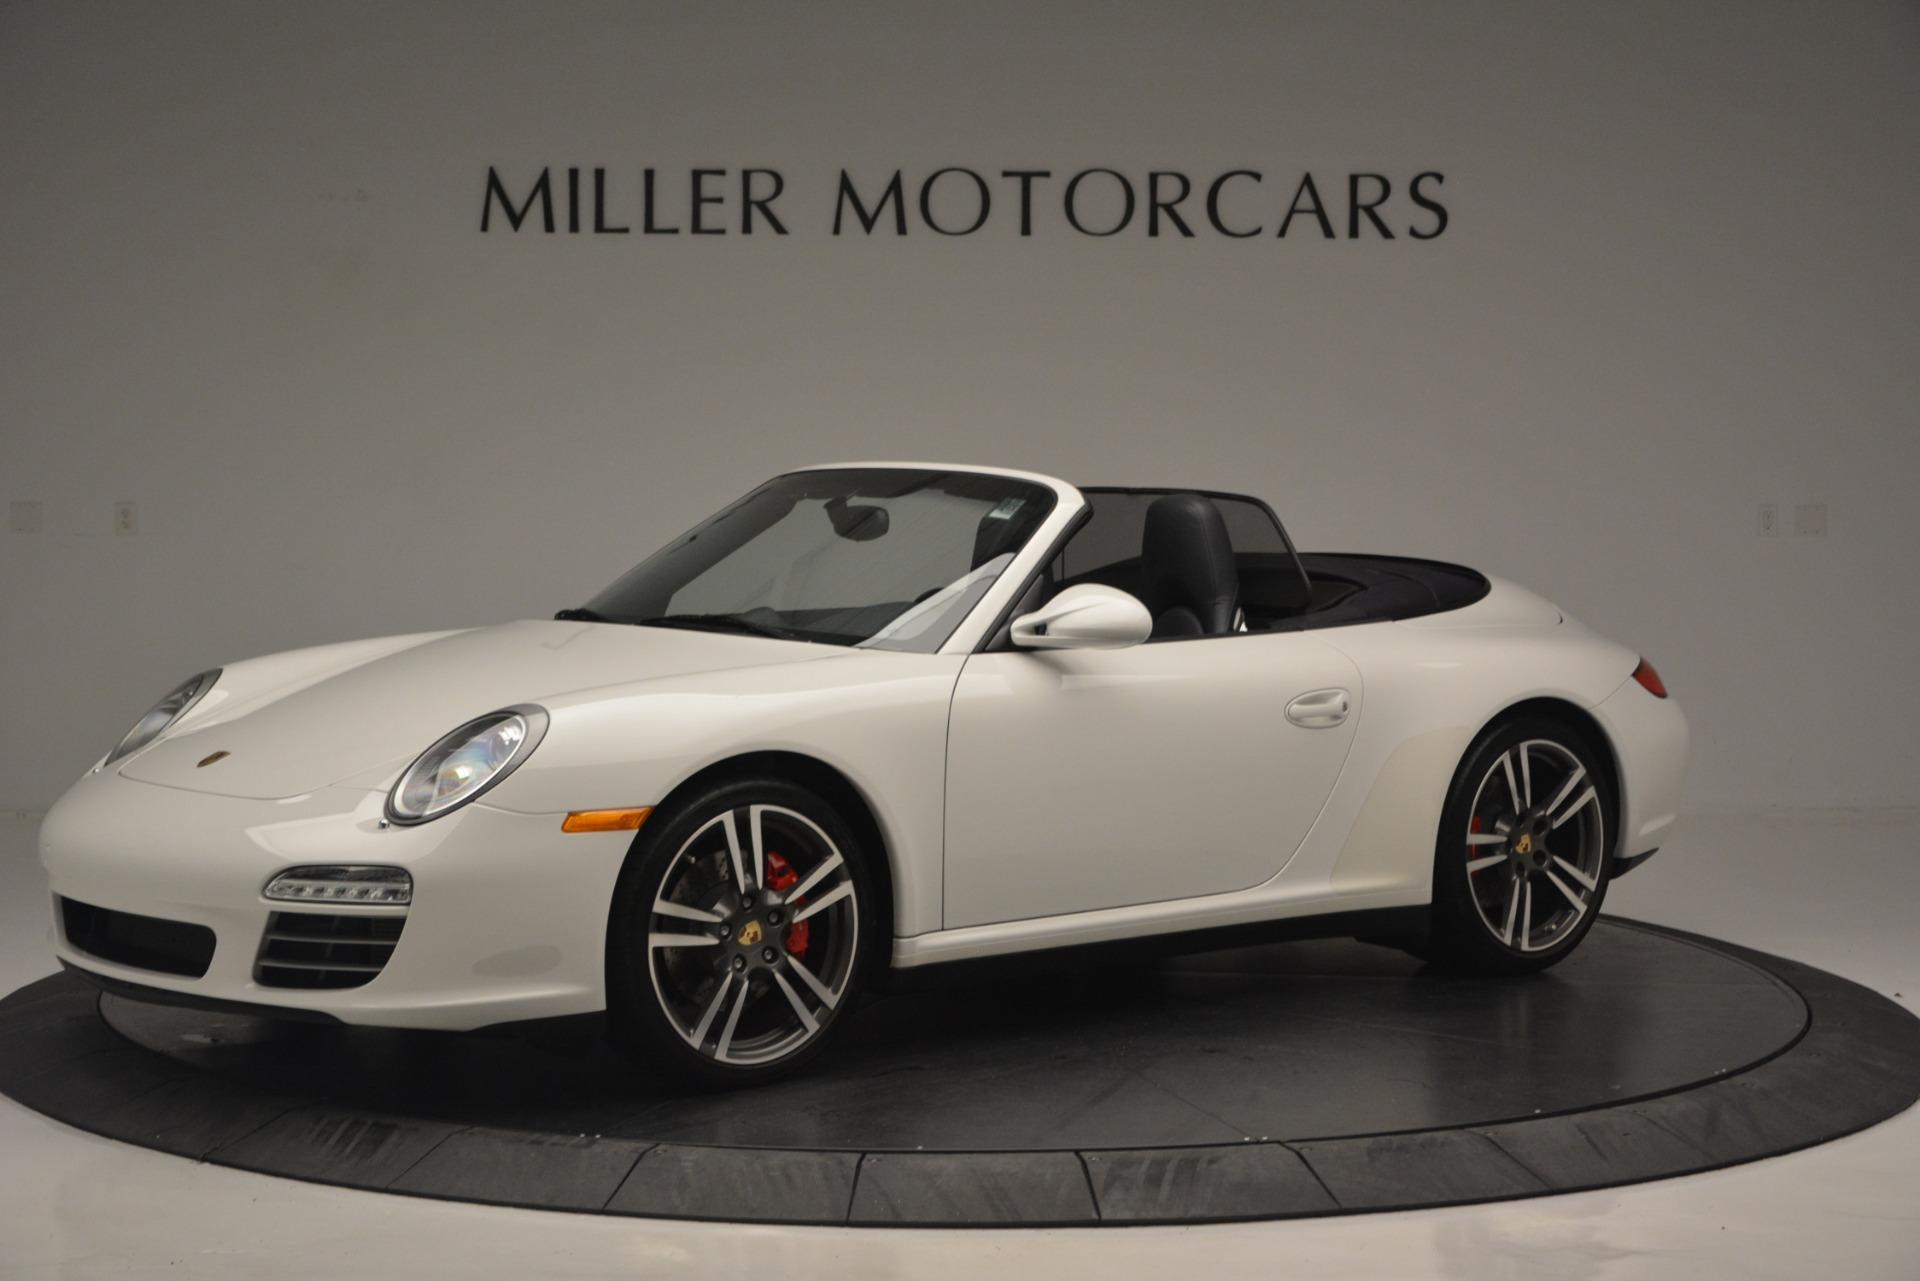 Used 2011 Porsche 911 Carrera 4S For Sale In Greenwich, CT 2600_p2